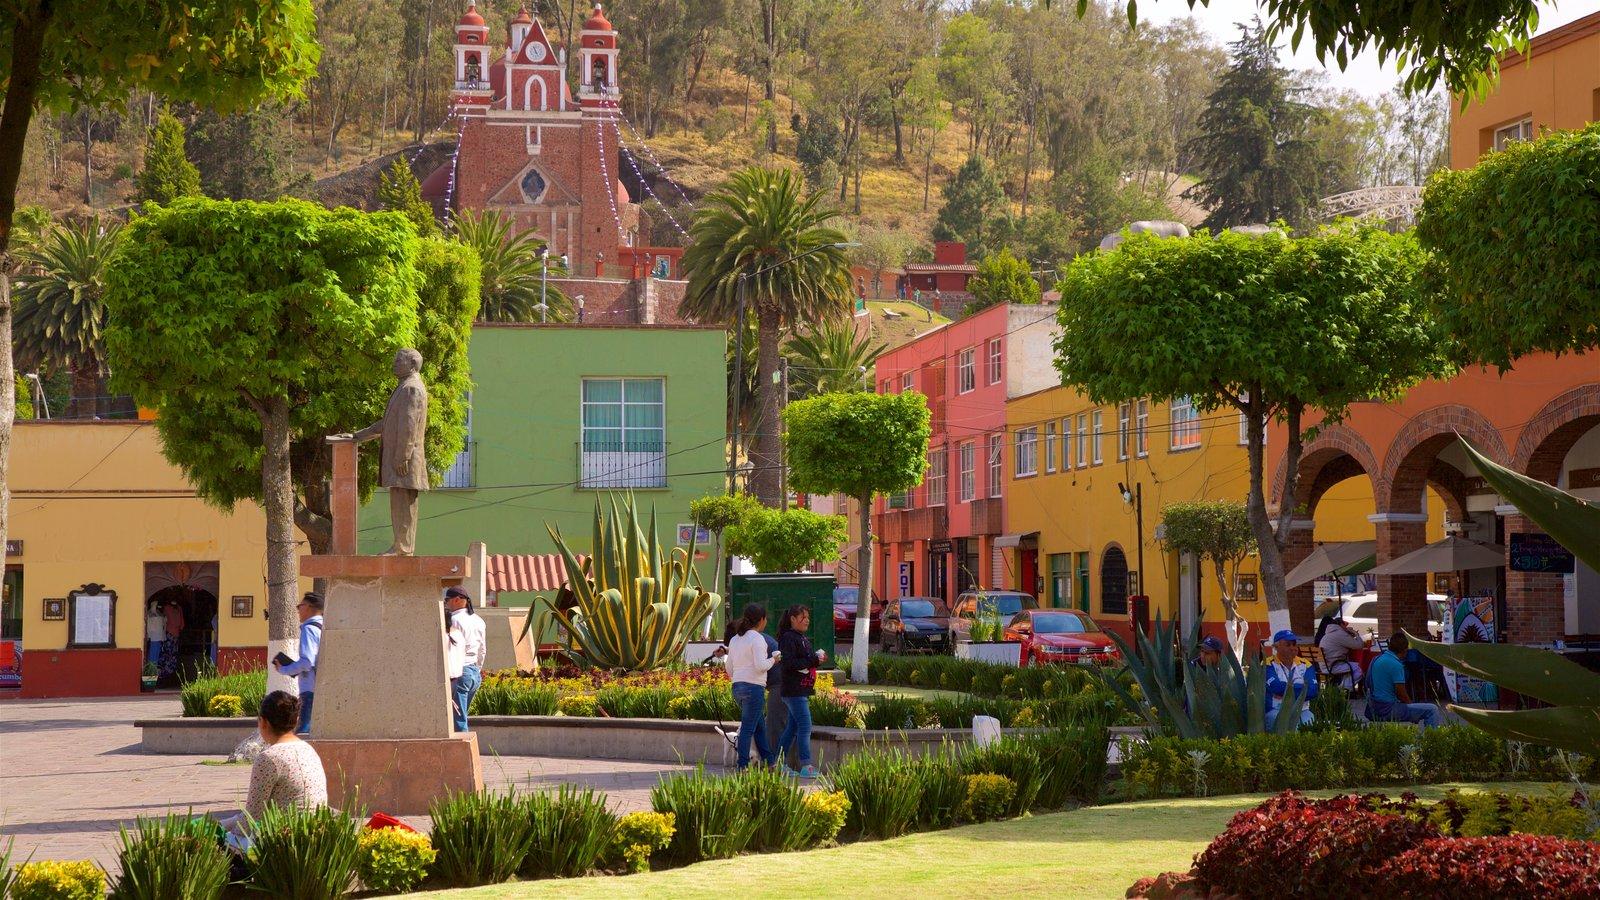 Metepec que incluye un jardín y un parque o plaza y también un pequeño grupo de personas